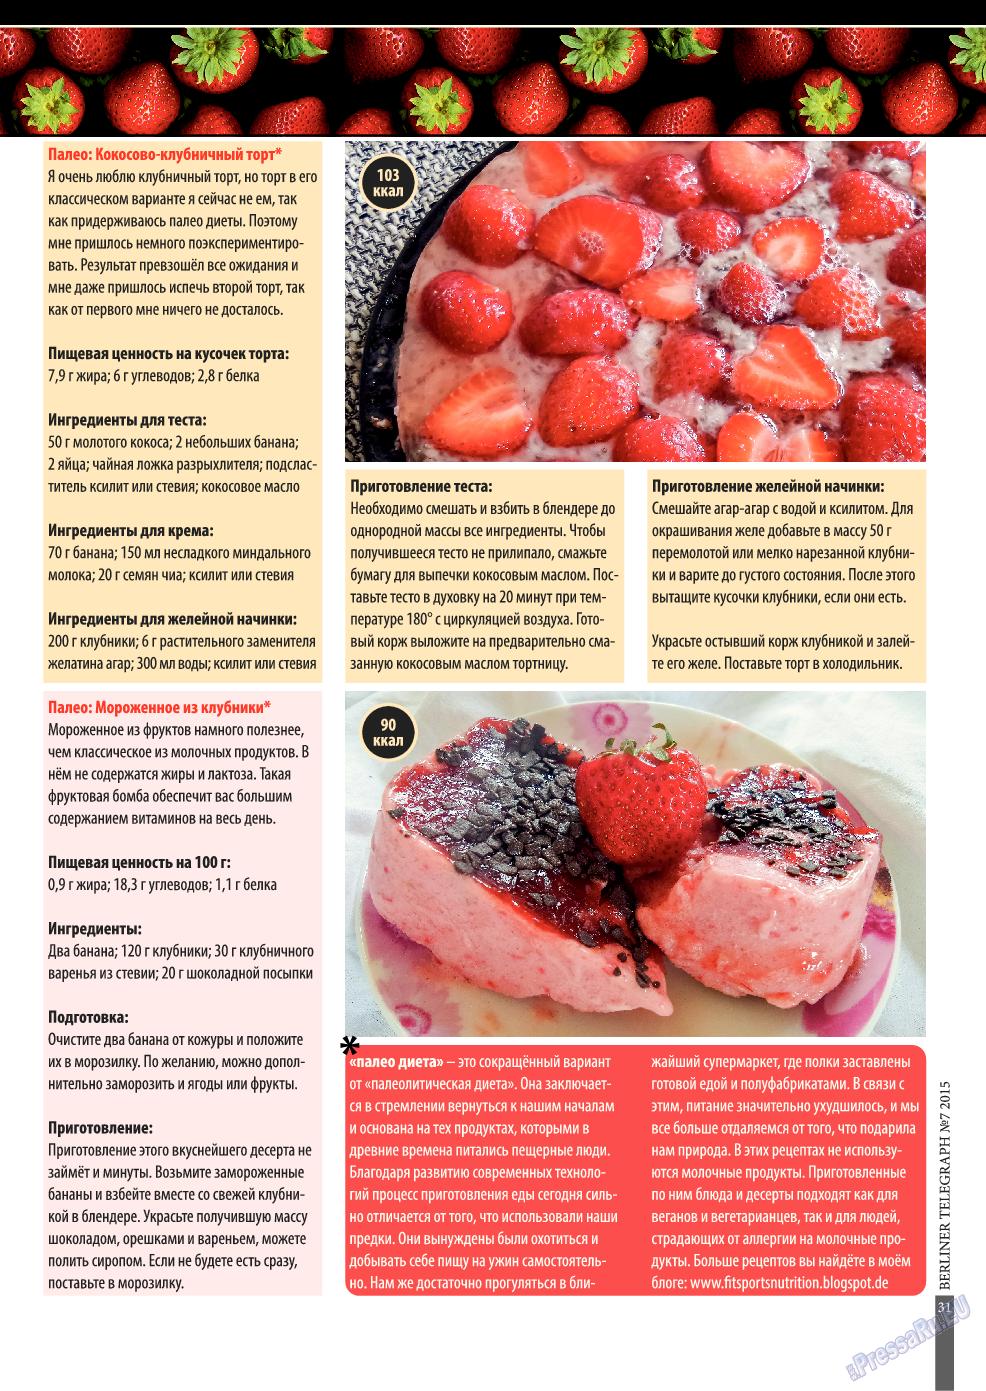 Берлинский телеграф (журнал). 2015 год, номер 8, стр. 31